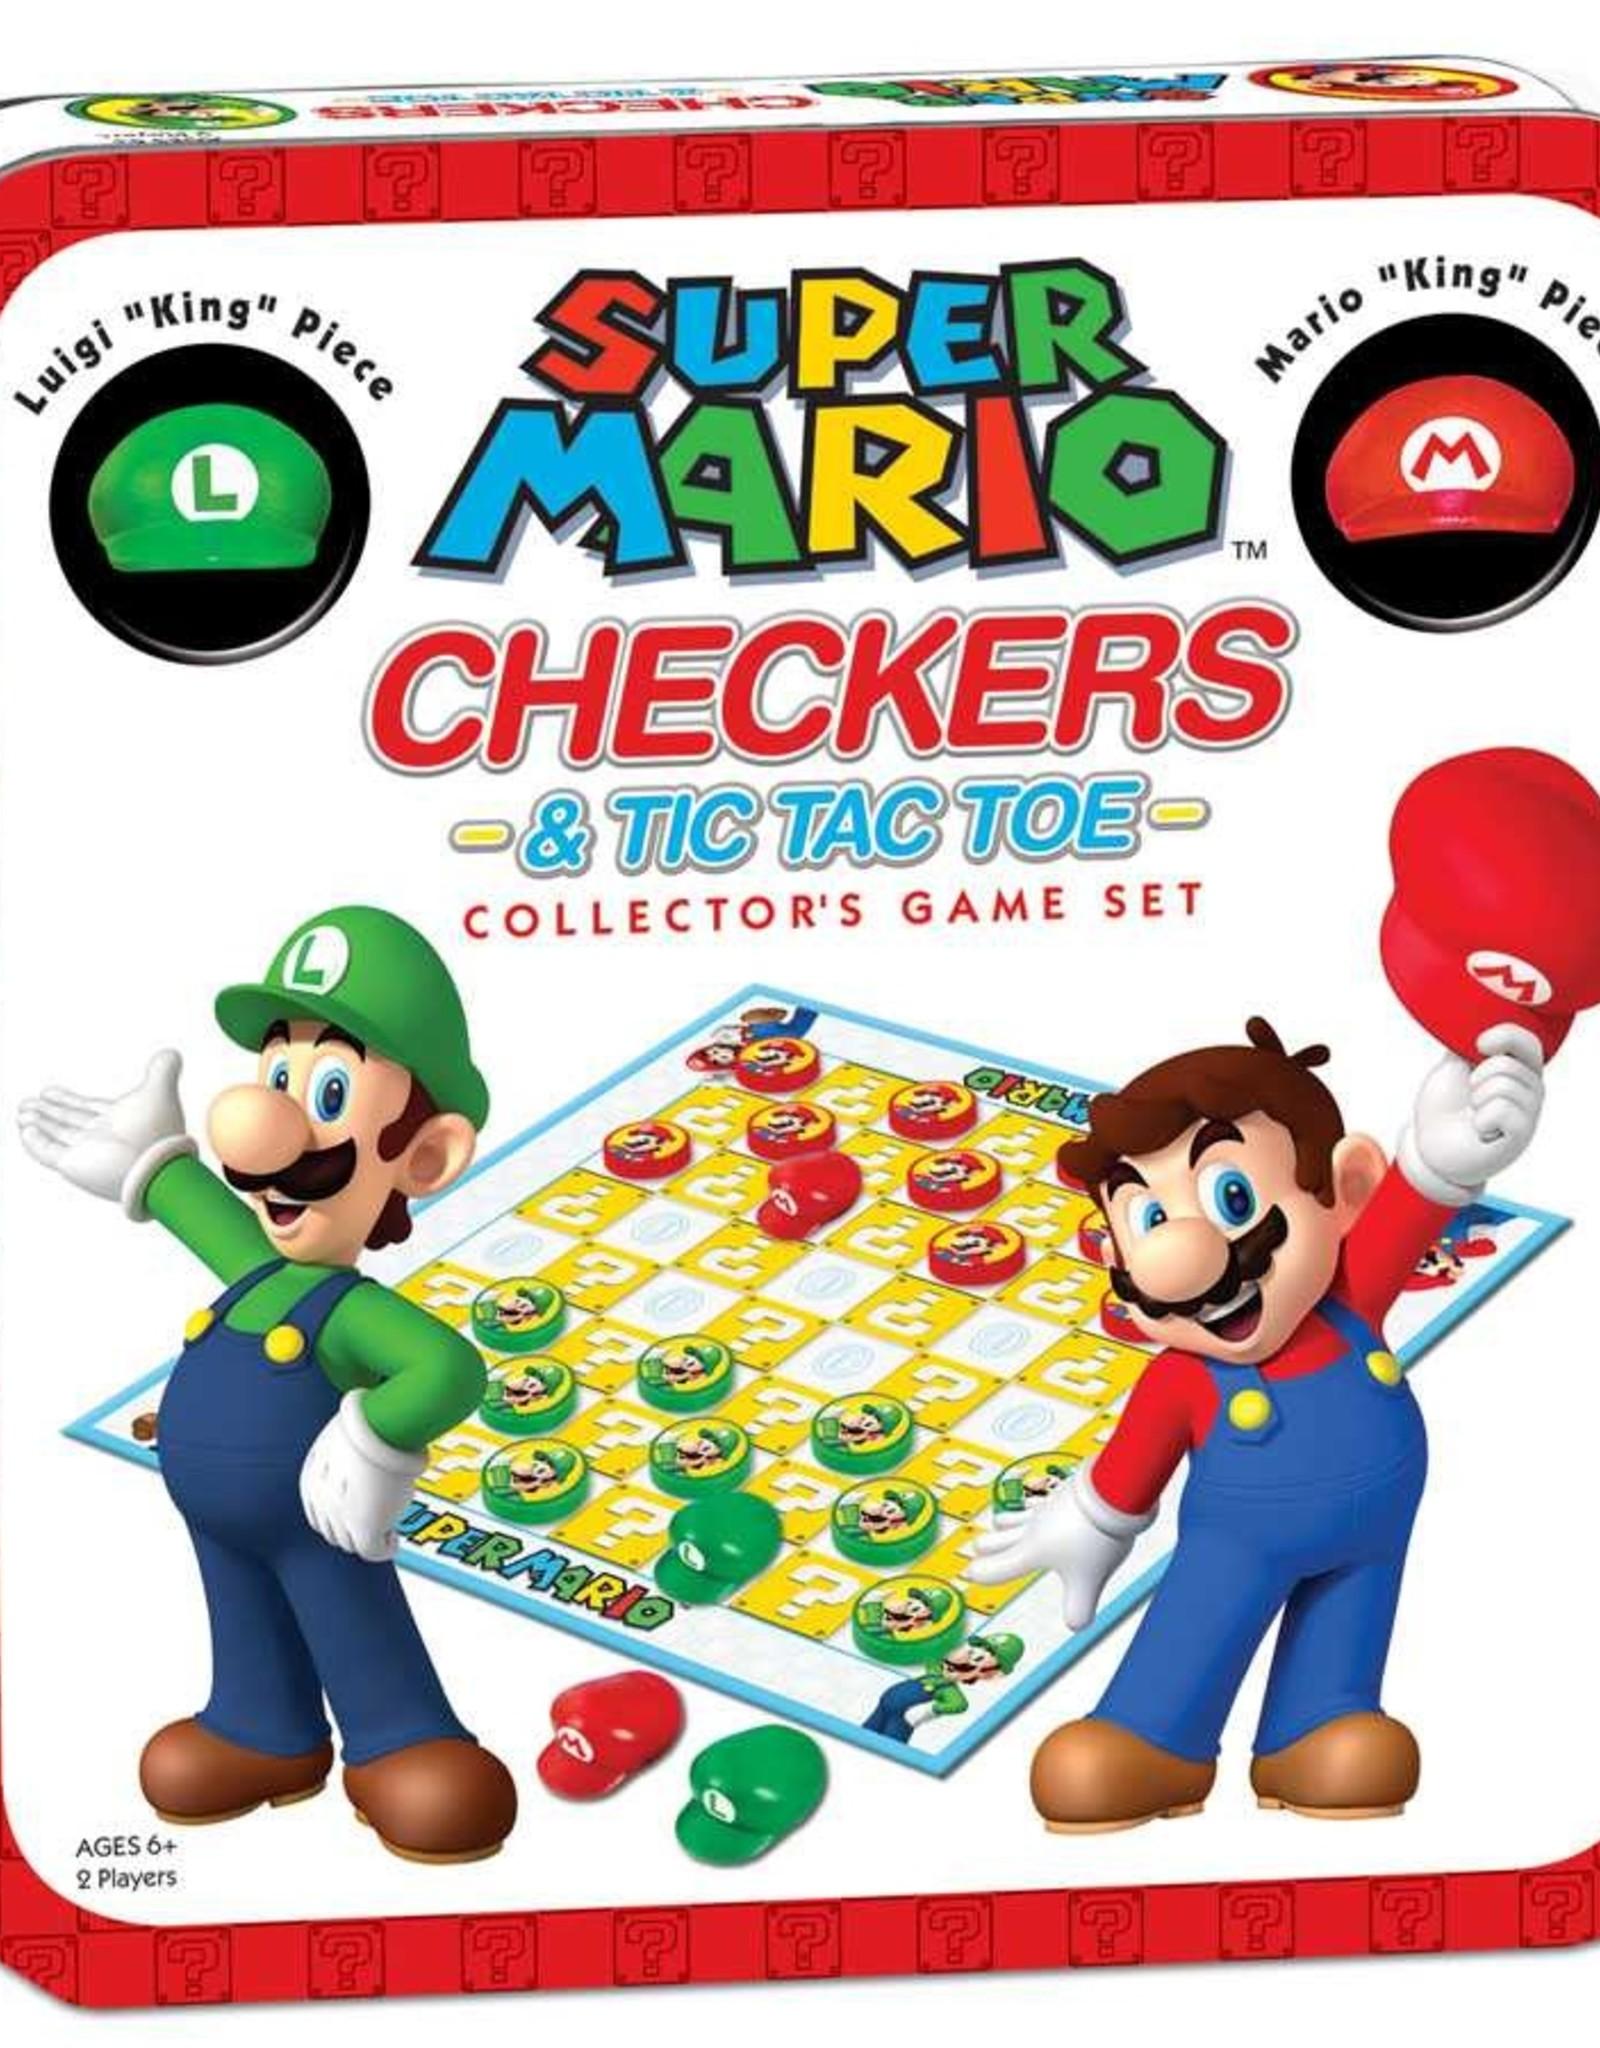 Super Mario Checkers & Tic Tac Toe